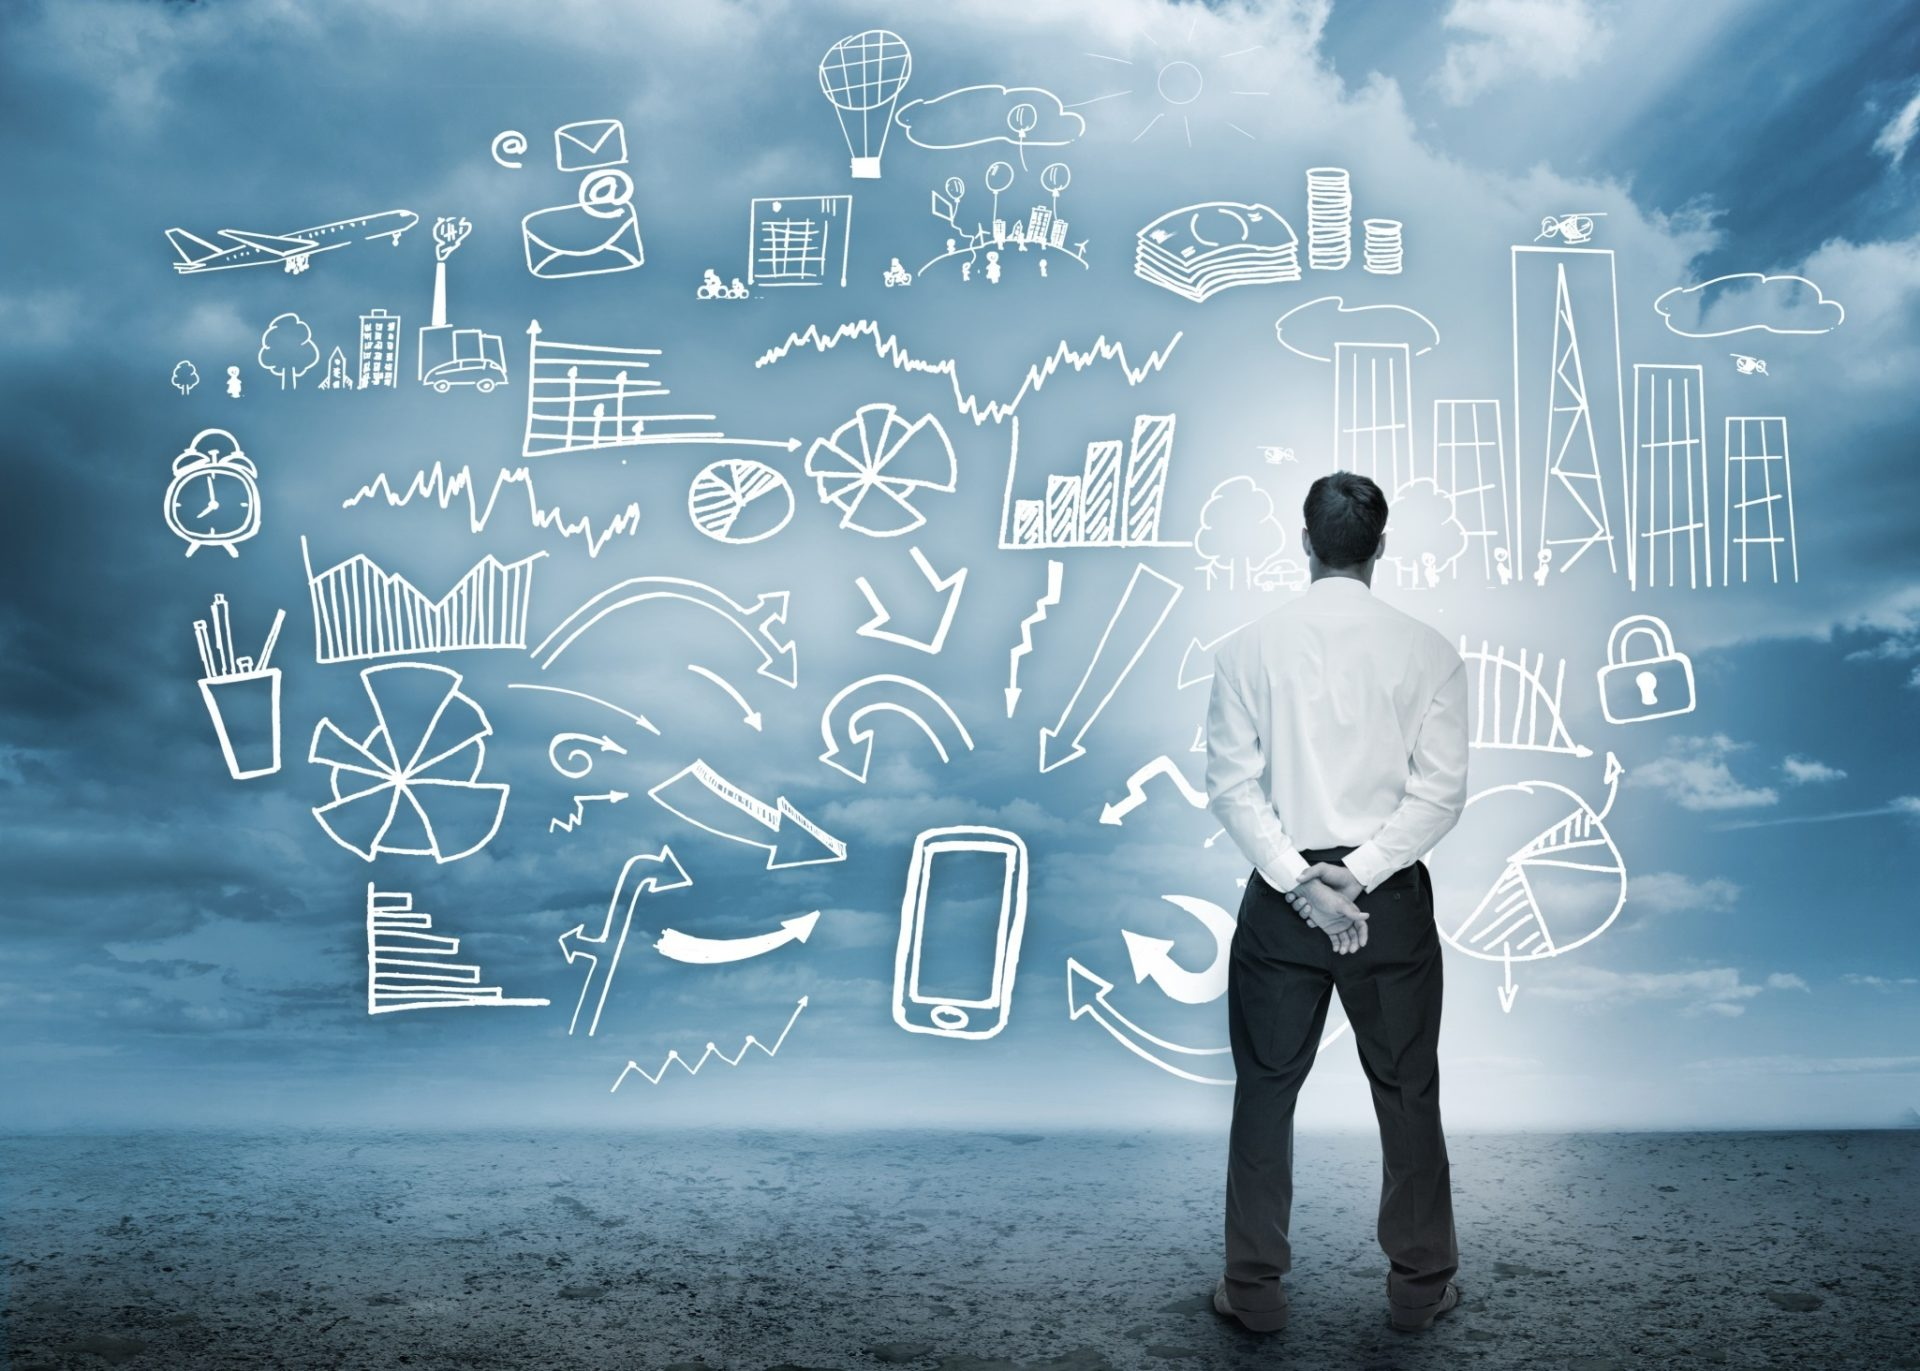 negocio digital recurso